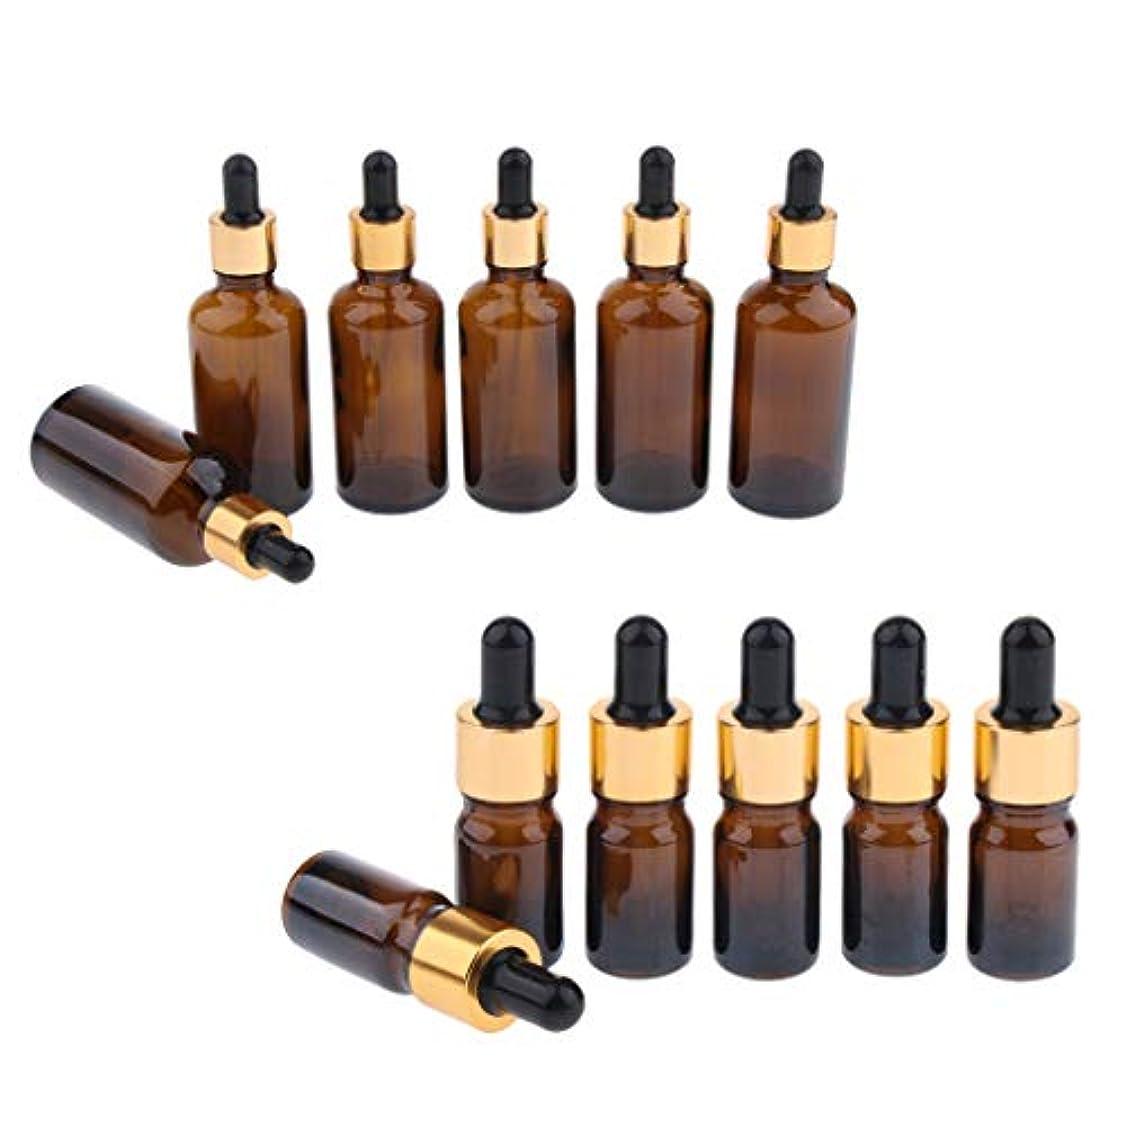 スリット欠伸ボウリングアロマオイル 精油 小分け用 ドロッパーボトル エッセンシャルオイル 液体 保存 詰替え 12個入